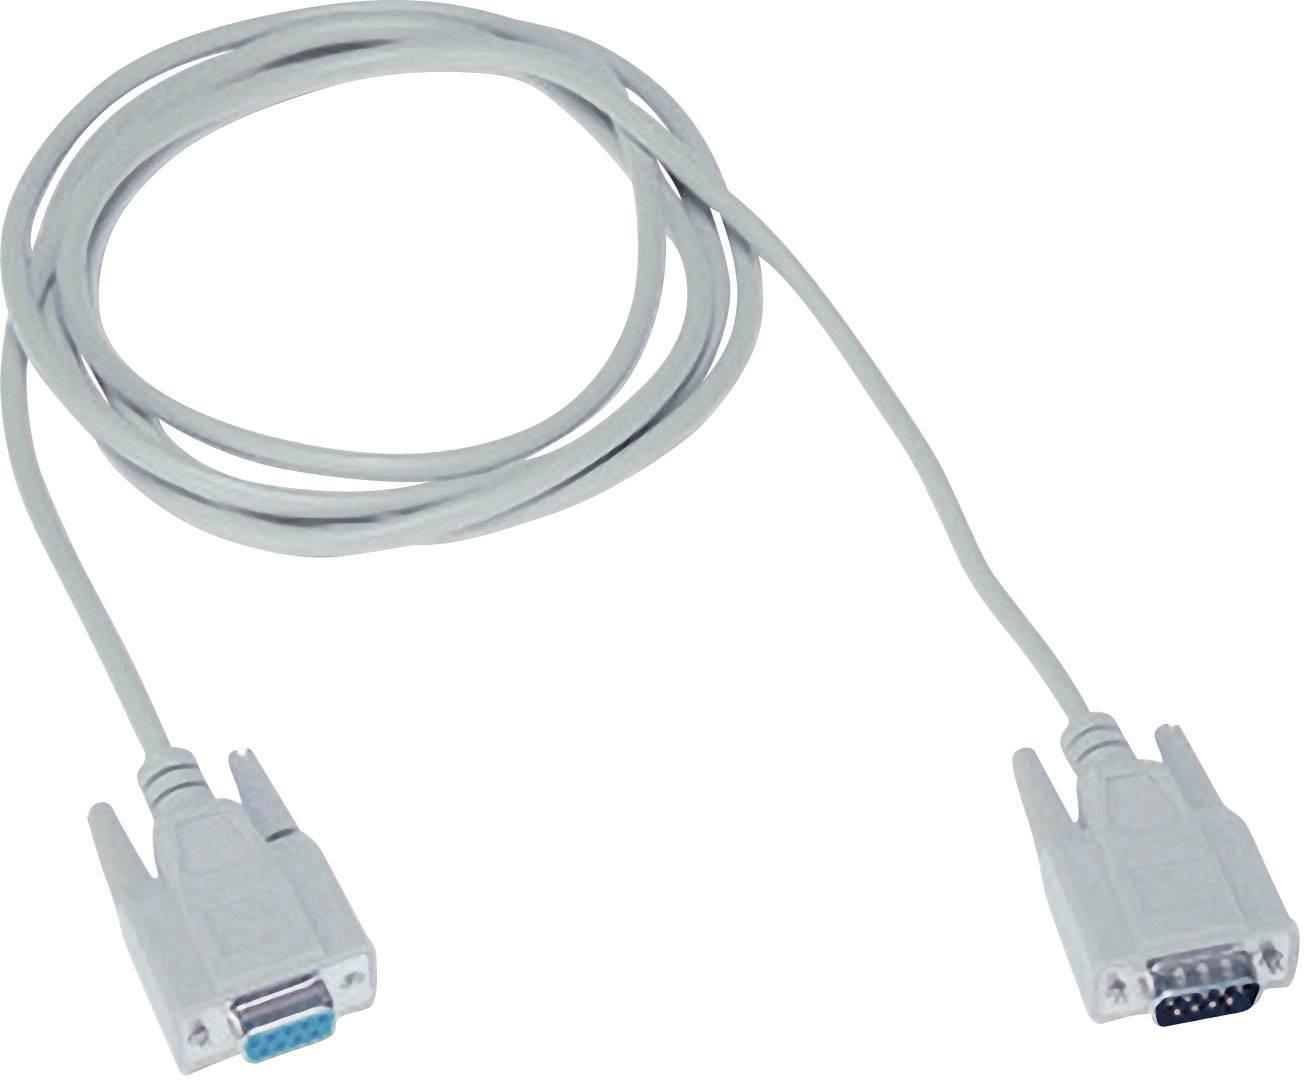 Kábel pre sériové rozhranie RS 232 Metrel, 83002914